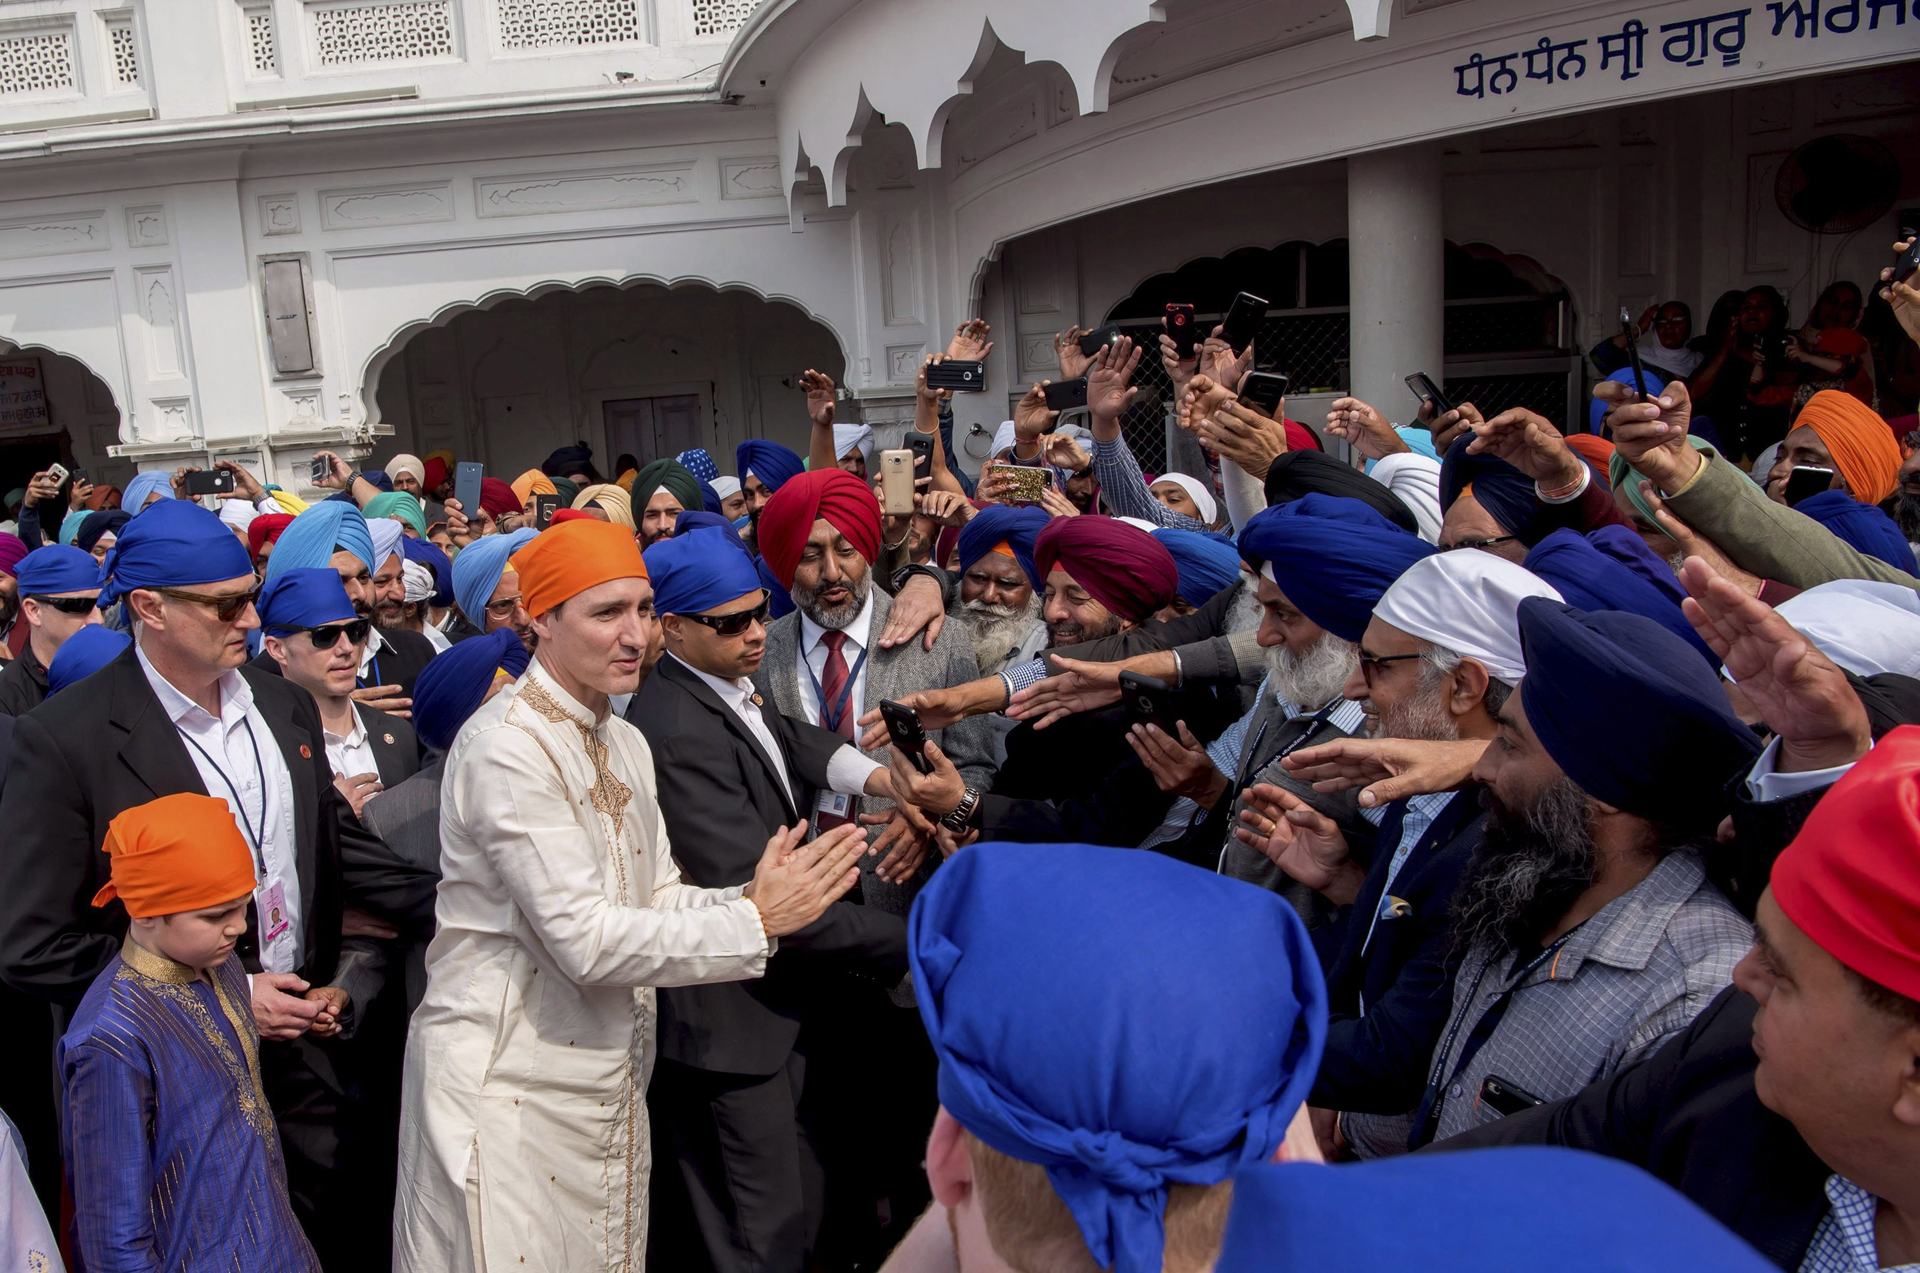 Sikh dating Kanada mest exakta tiden för dating ultraljud